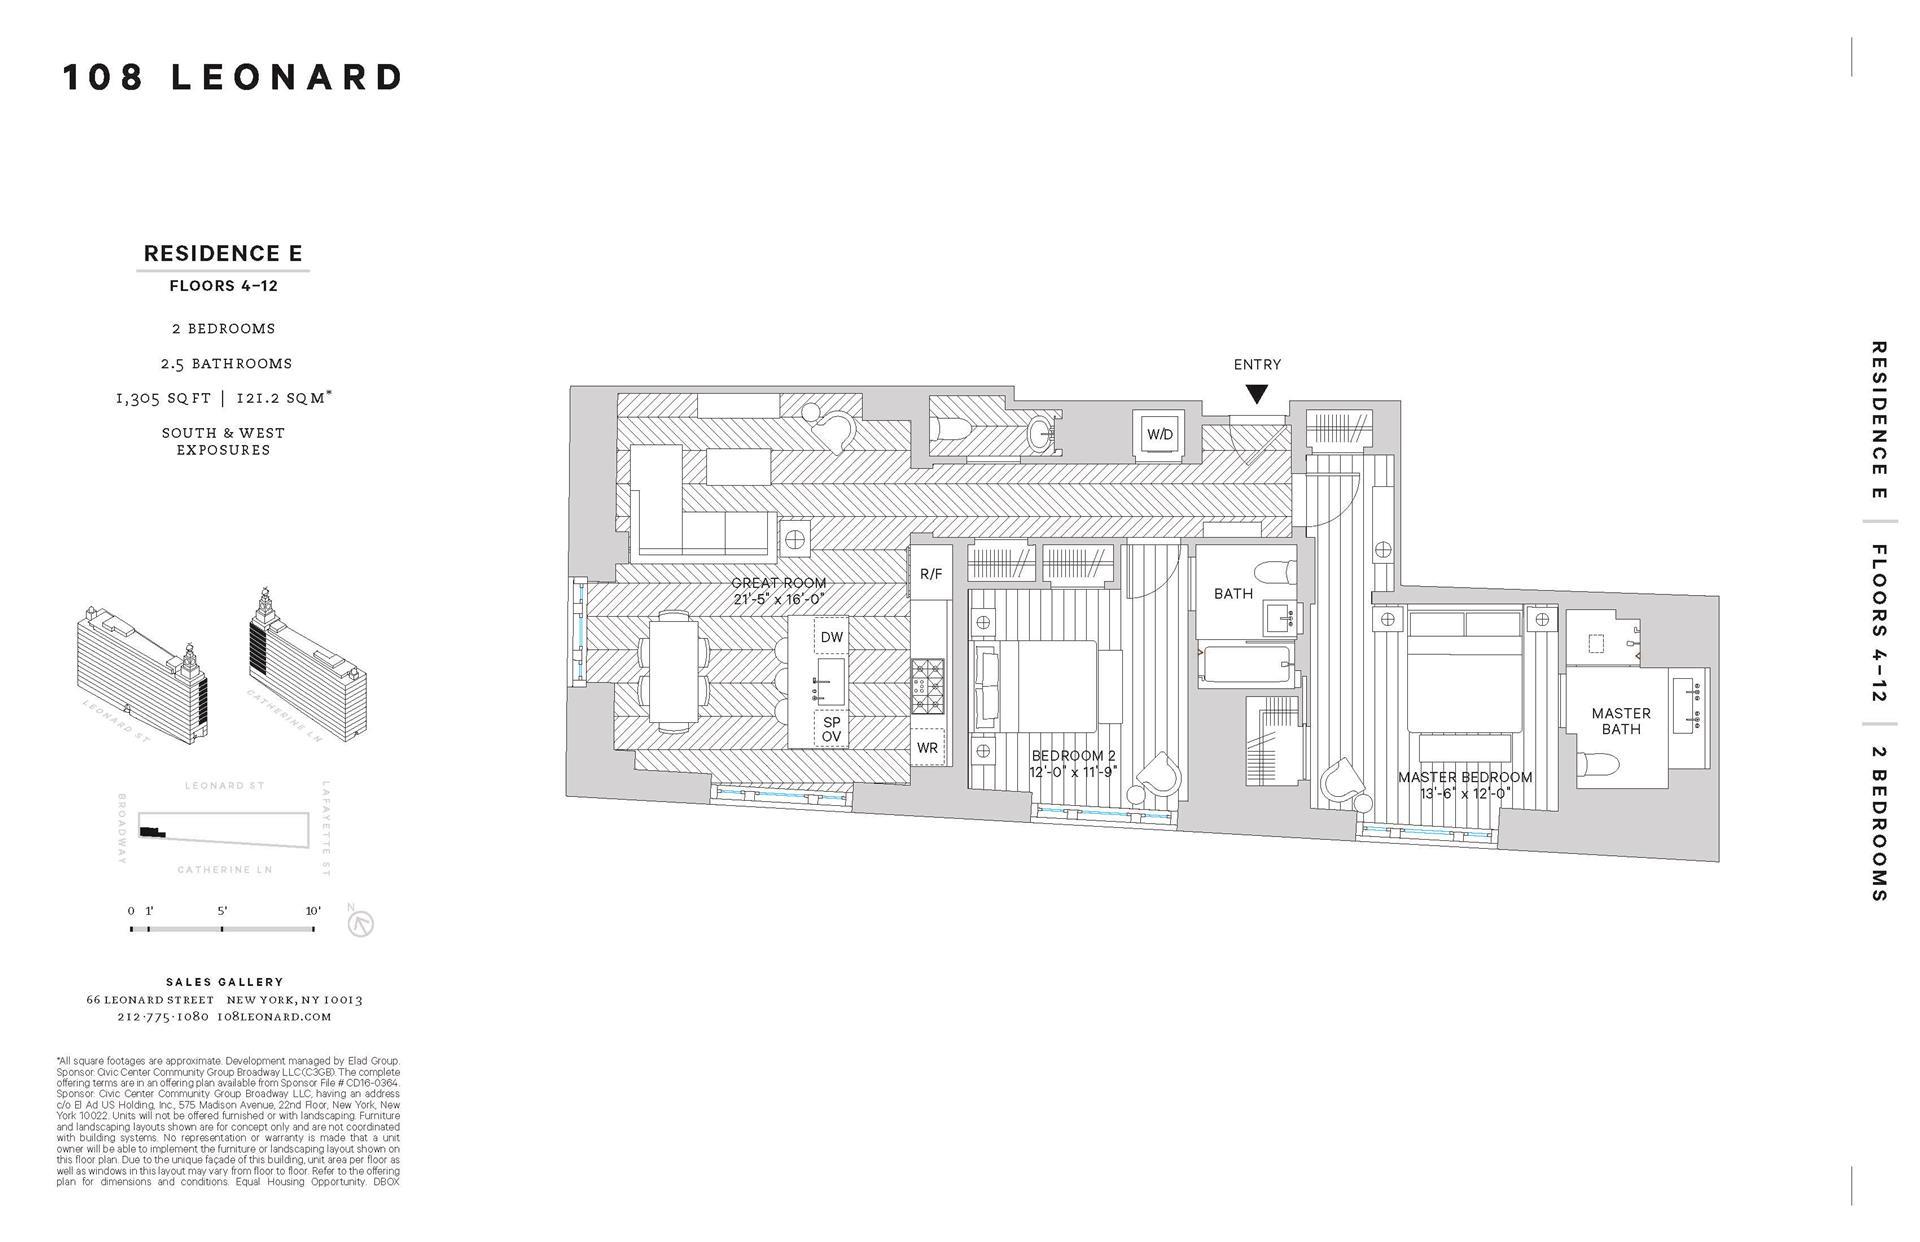 Floor plan of 108 Leonard St, 10E - TriBeCa, New York